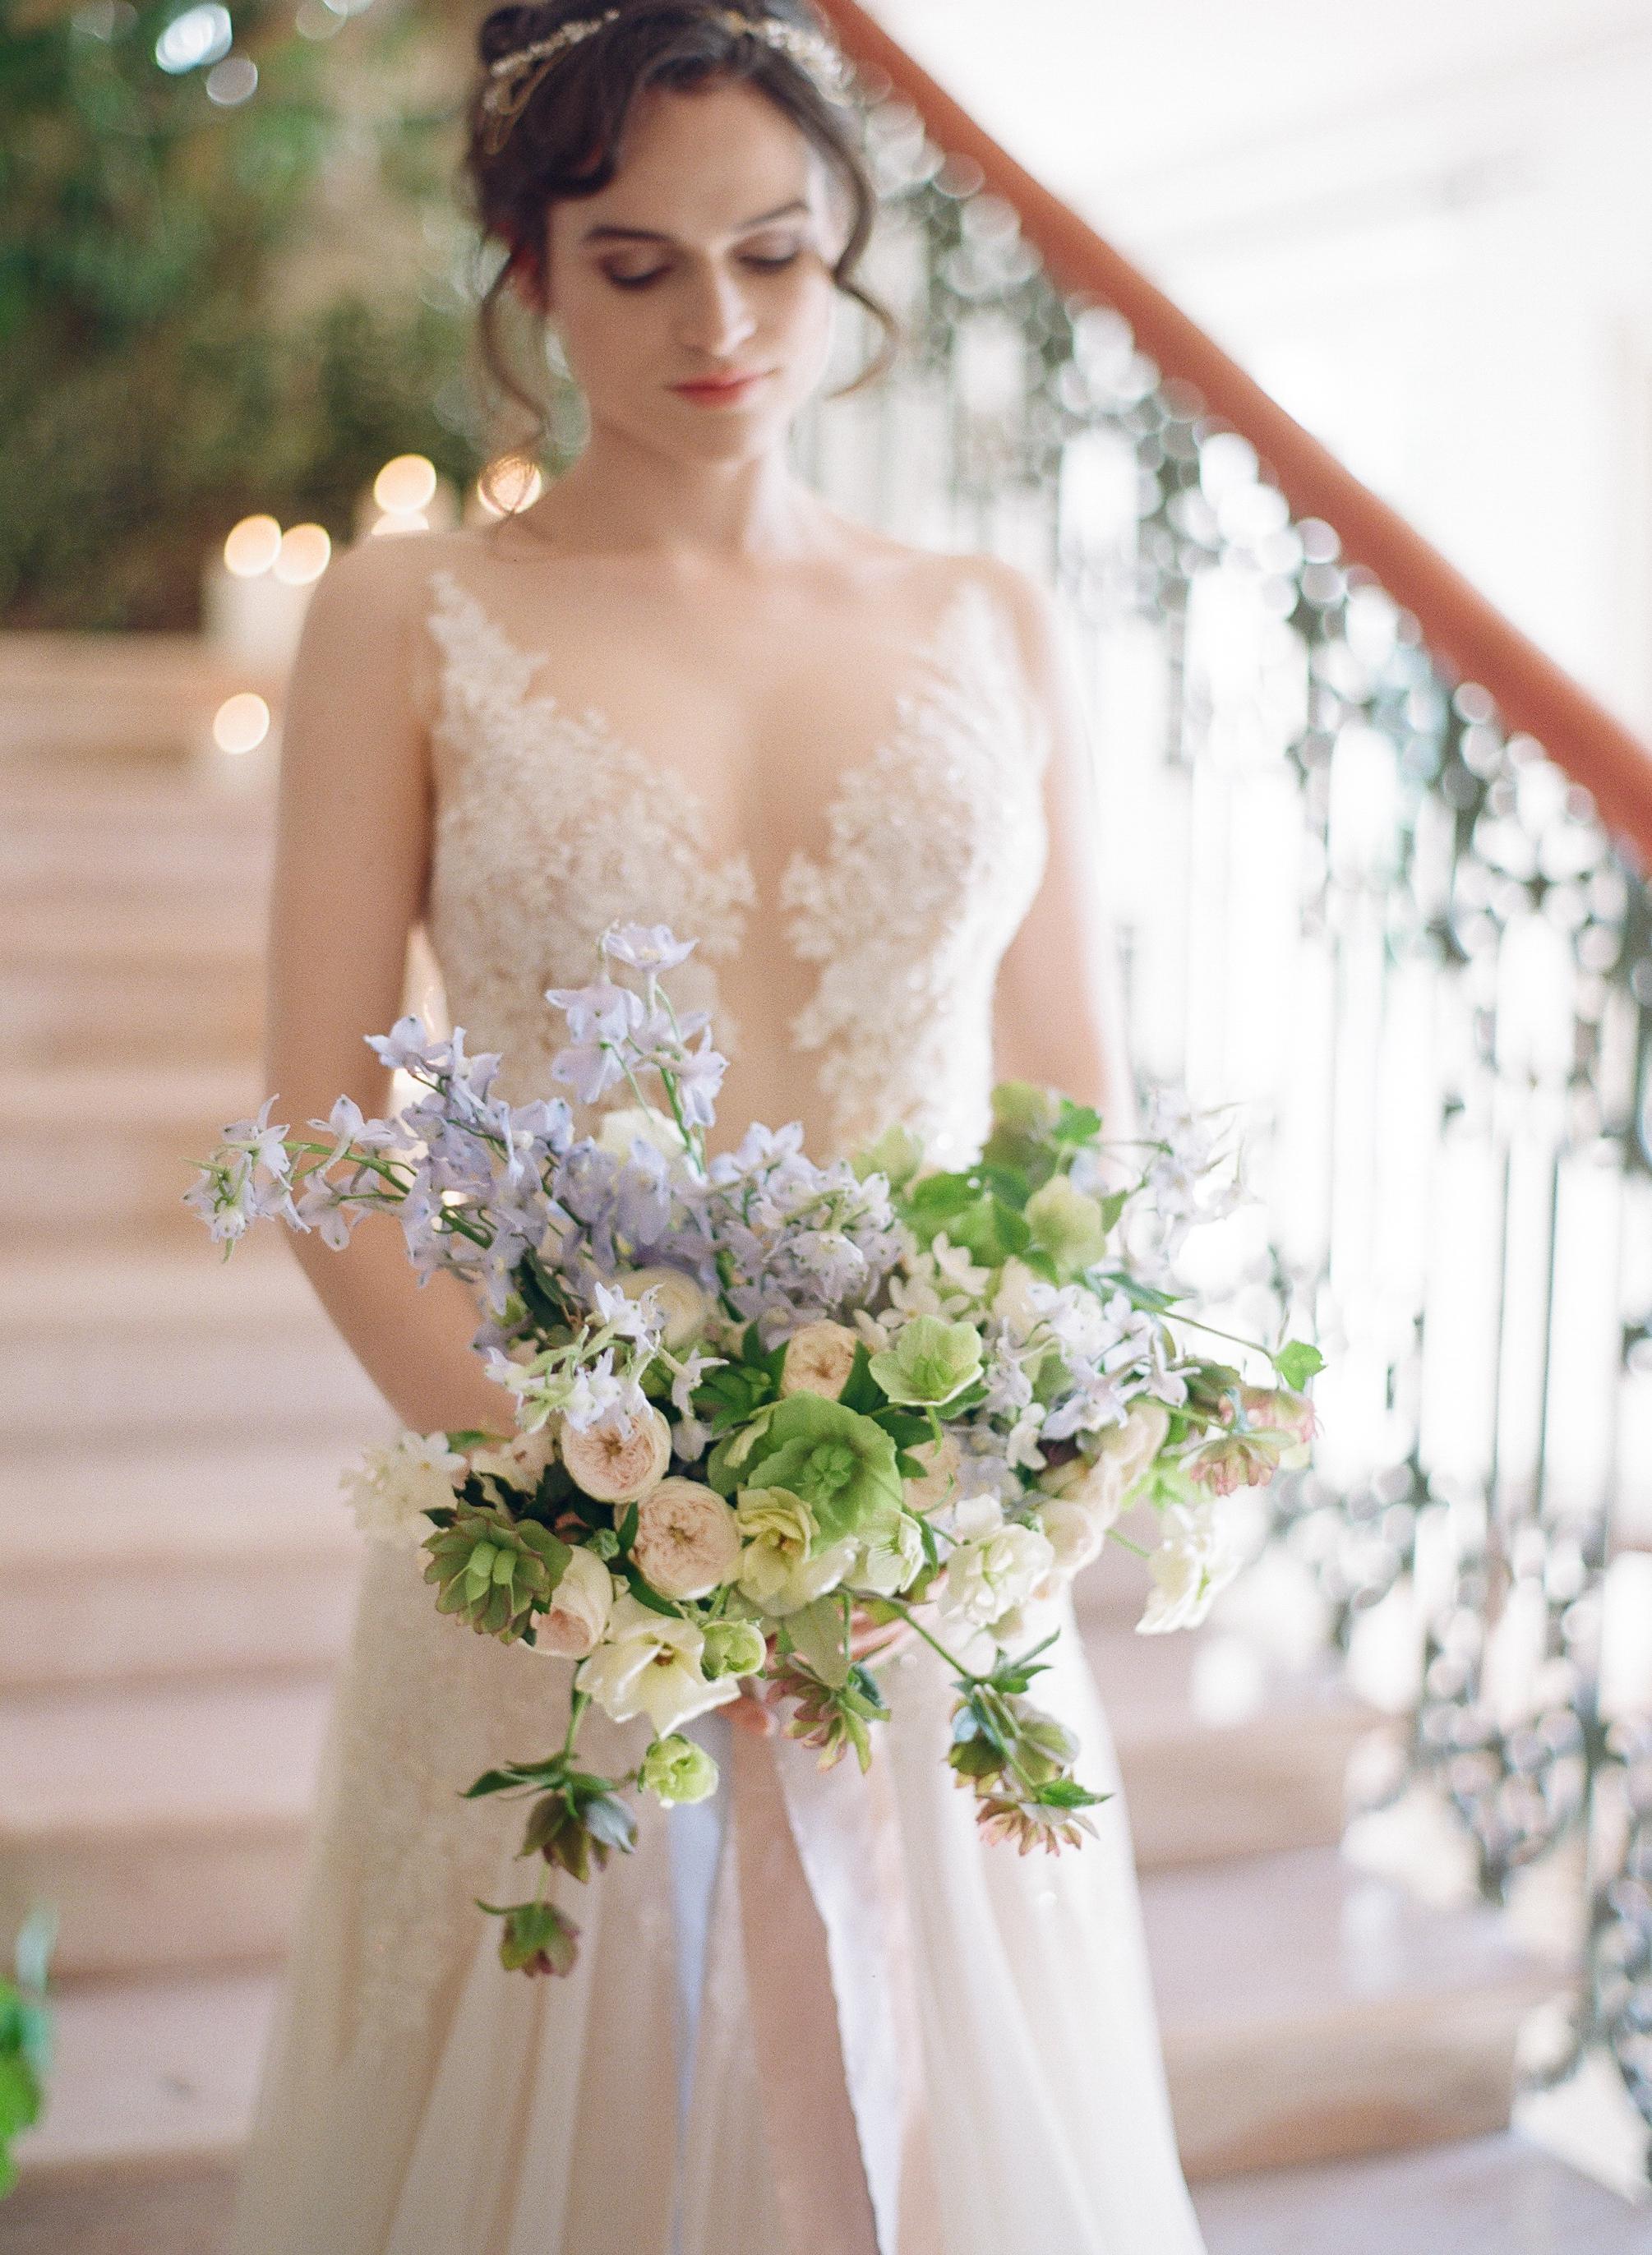 Sylvie-Gil-film-destination-wedding-photography-2017-workshop-chateau-de-varennes-masquerade-burgundy-france-bride-chapel-bouquet